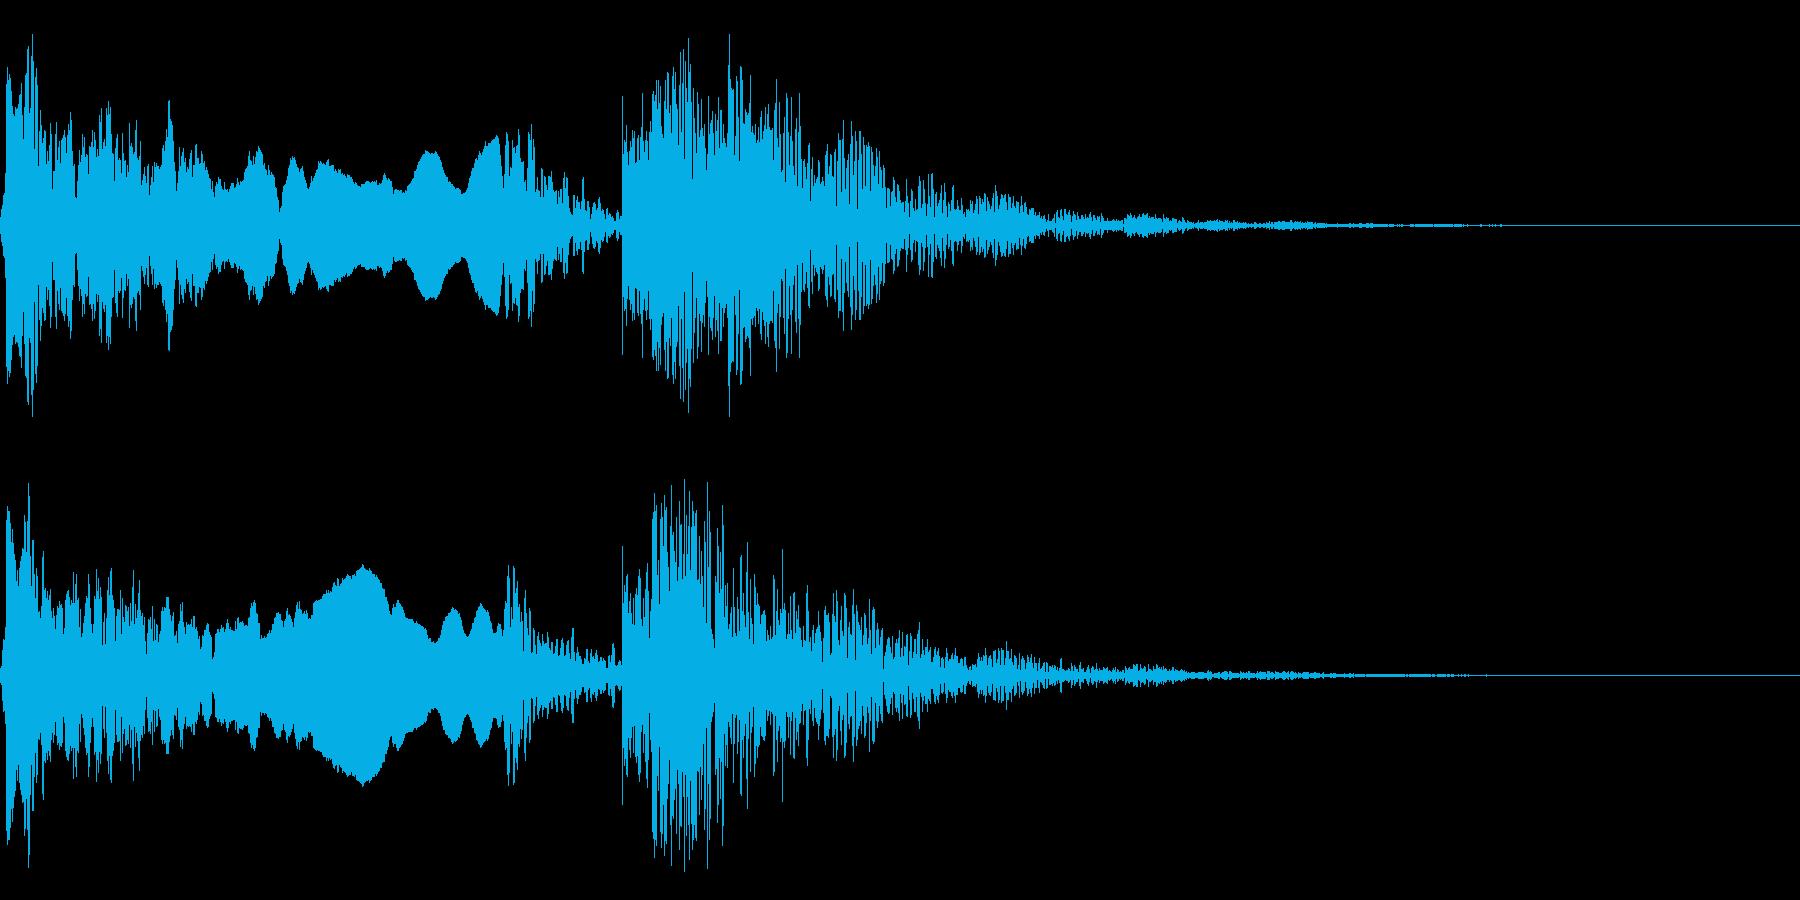 和風な歌舞伎の笛(能管)太鼓インパクト4の再生済みの波形